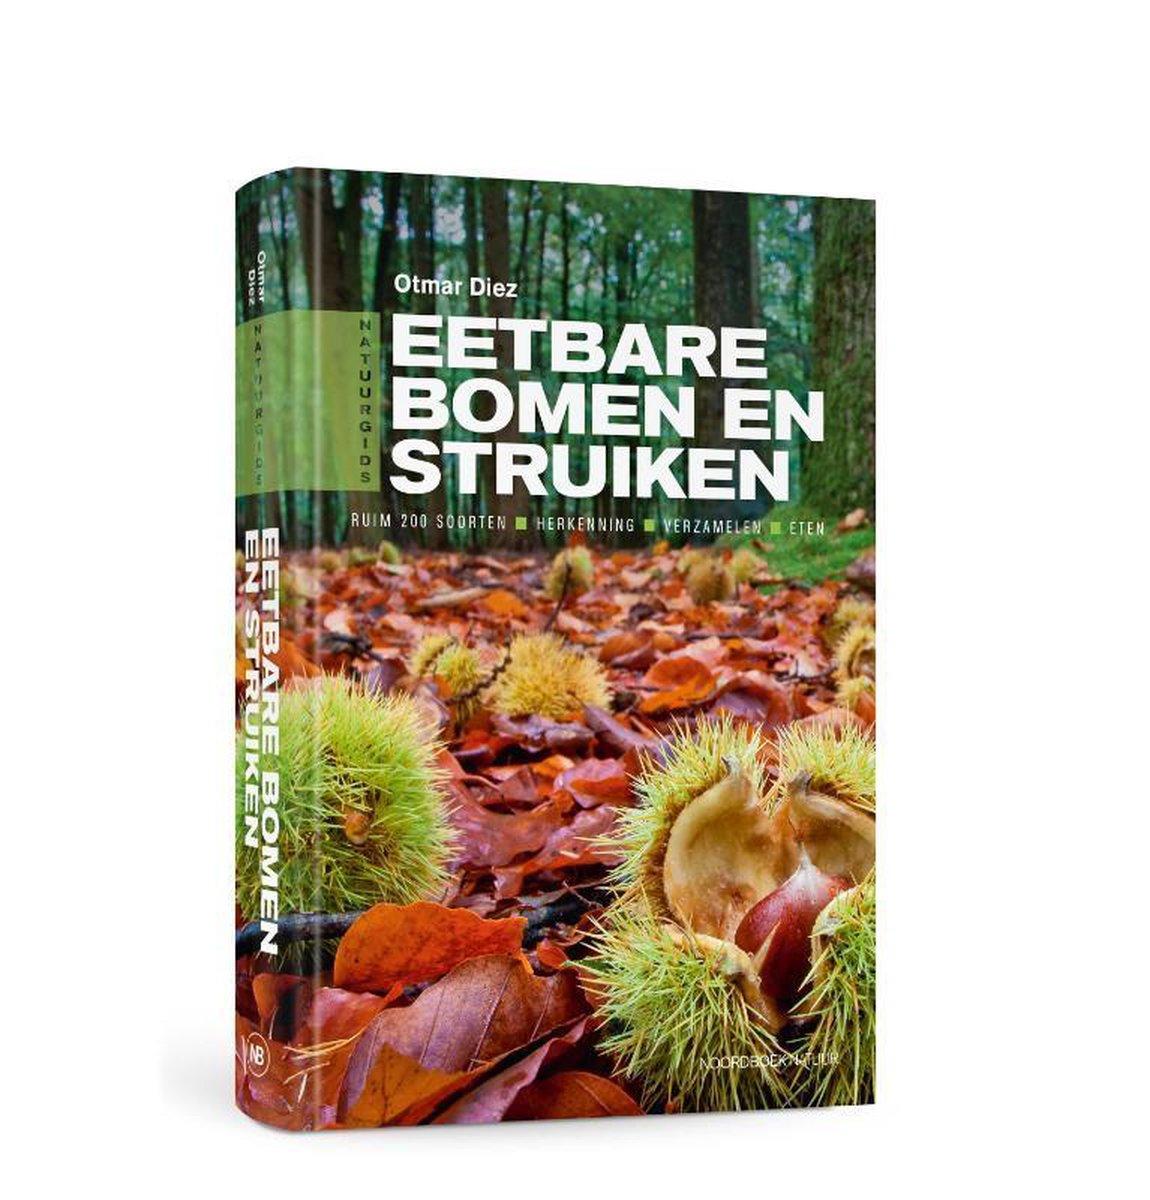 Eetbare bomen en struiken 9789056156053  Noordboek   Culinaire reisgidsen, Natuurgidsen Benelux